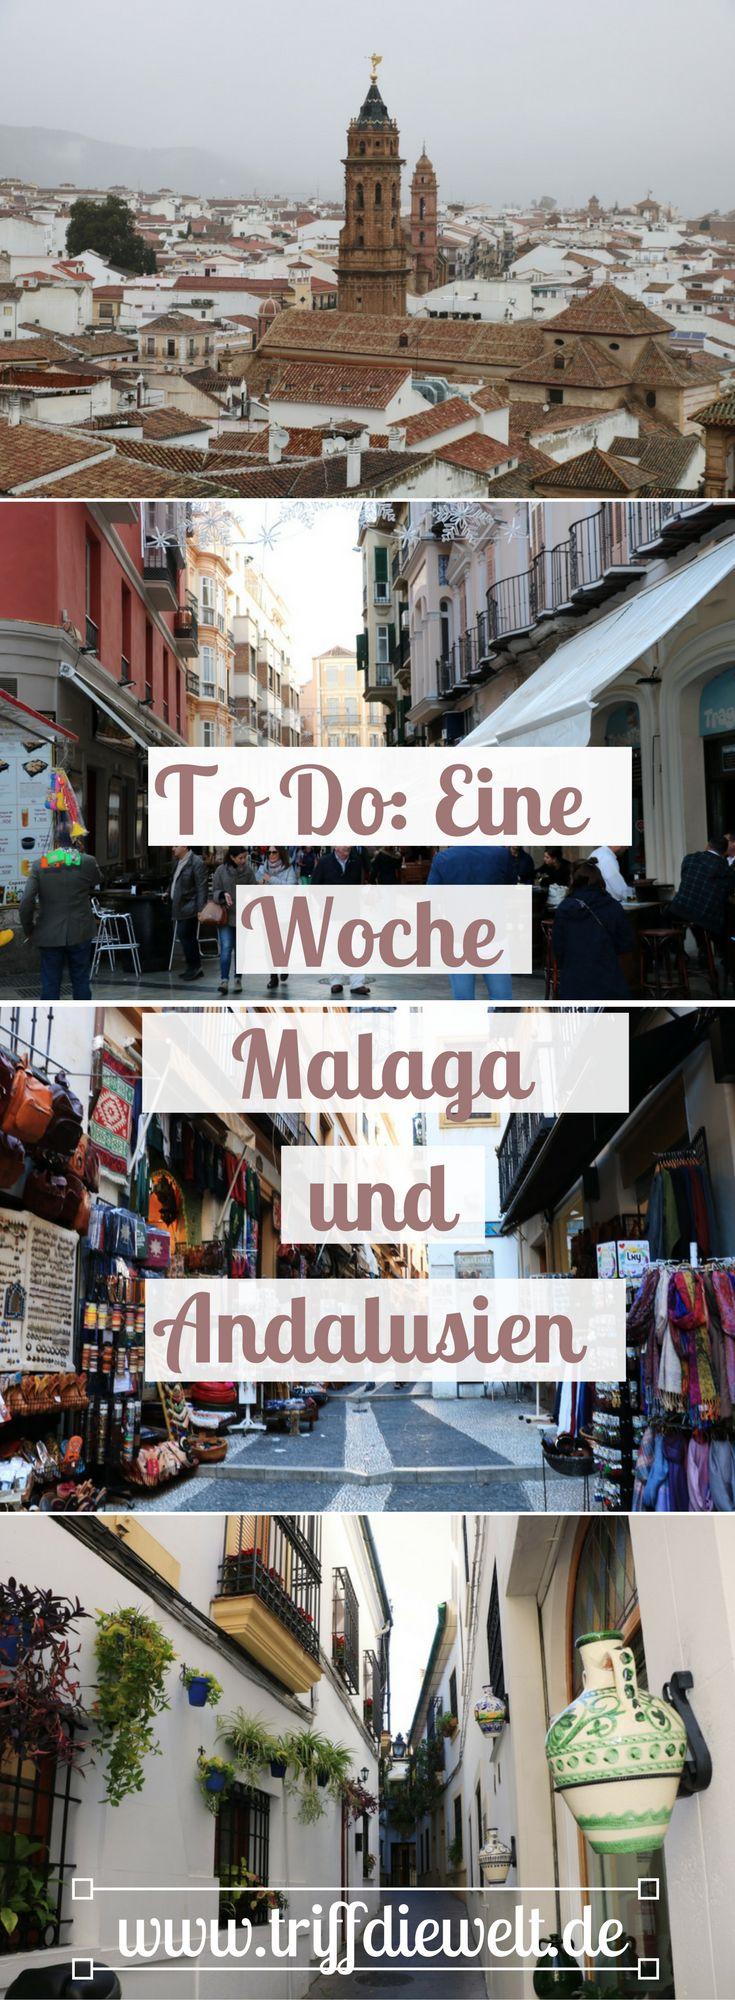 Malaga Tipps und Malaga To Do Liste. Eine Woche in Malaga ist zwar eigentlich viel zu kurz, aber als Ausgangsbasis eignet sich die Stadt hervorragend, um Andalusien zu entdecken und Ausflüge in die Region zu machen. #Andalusien #Malaga